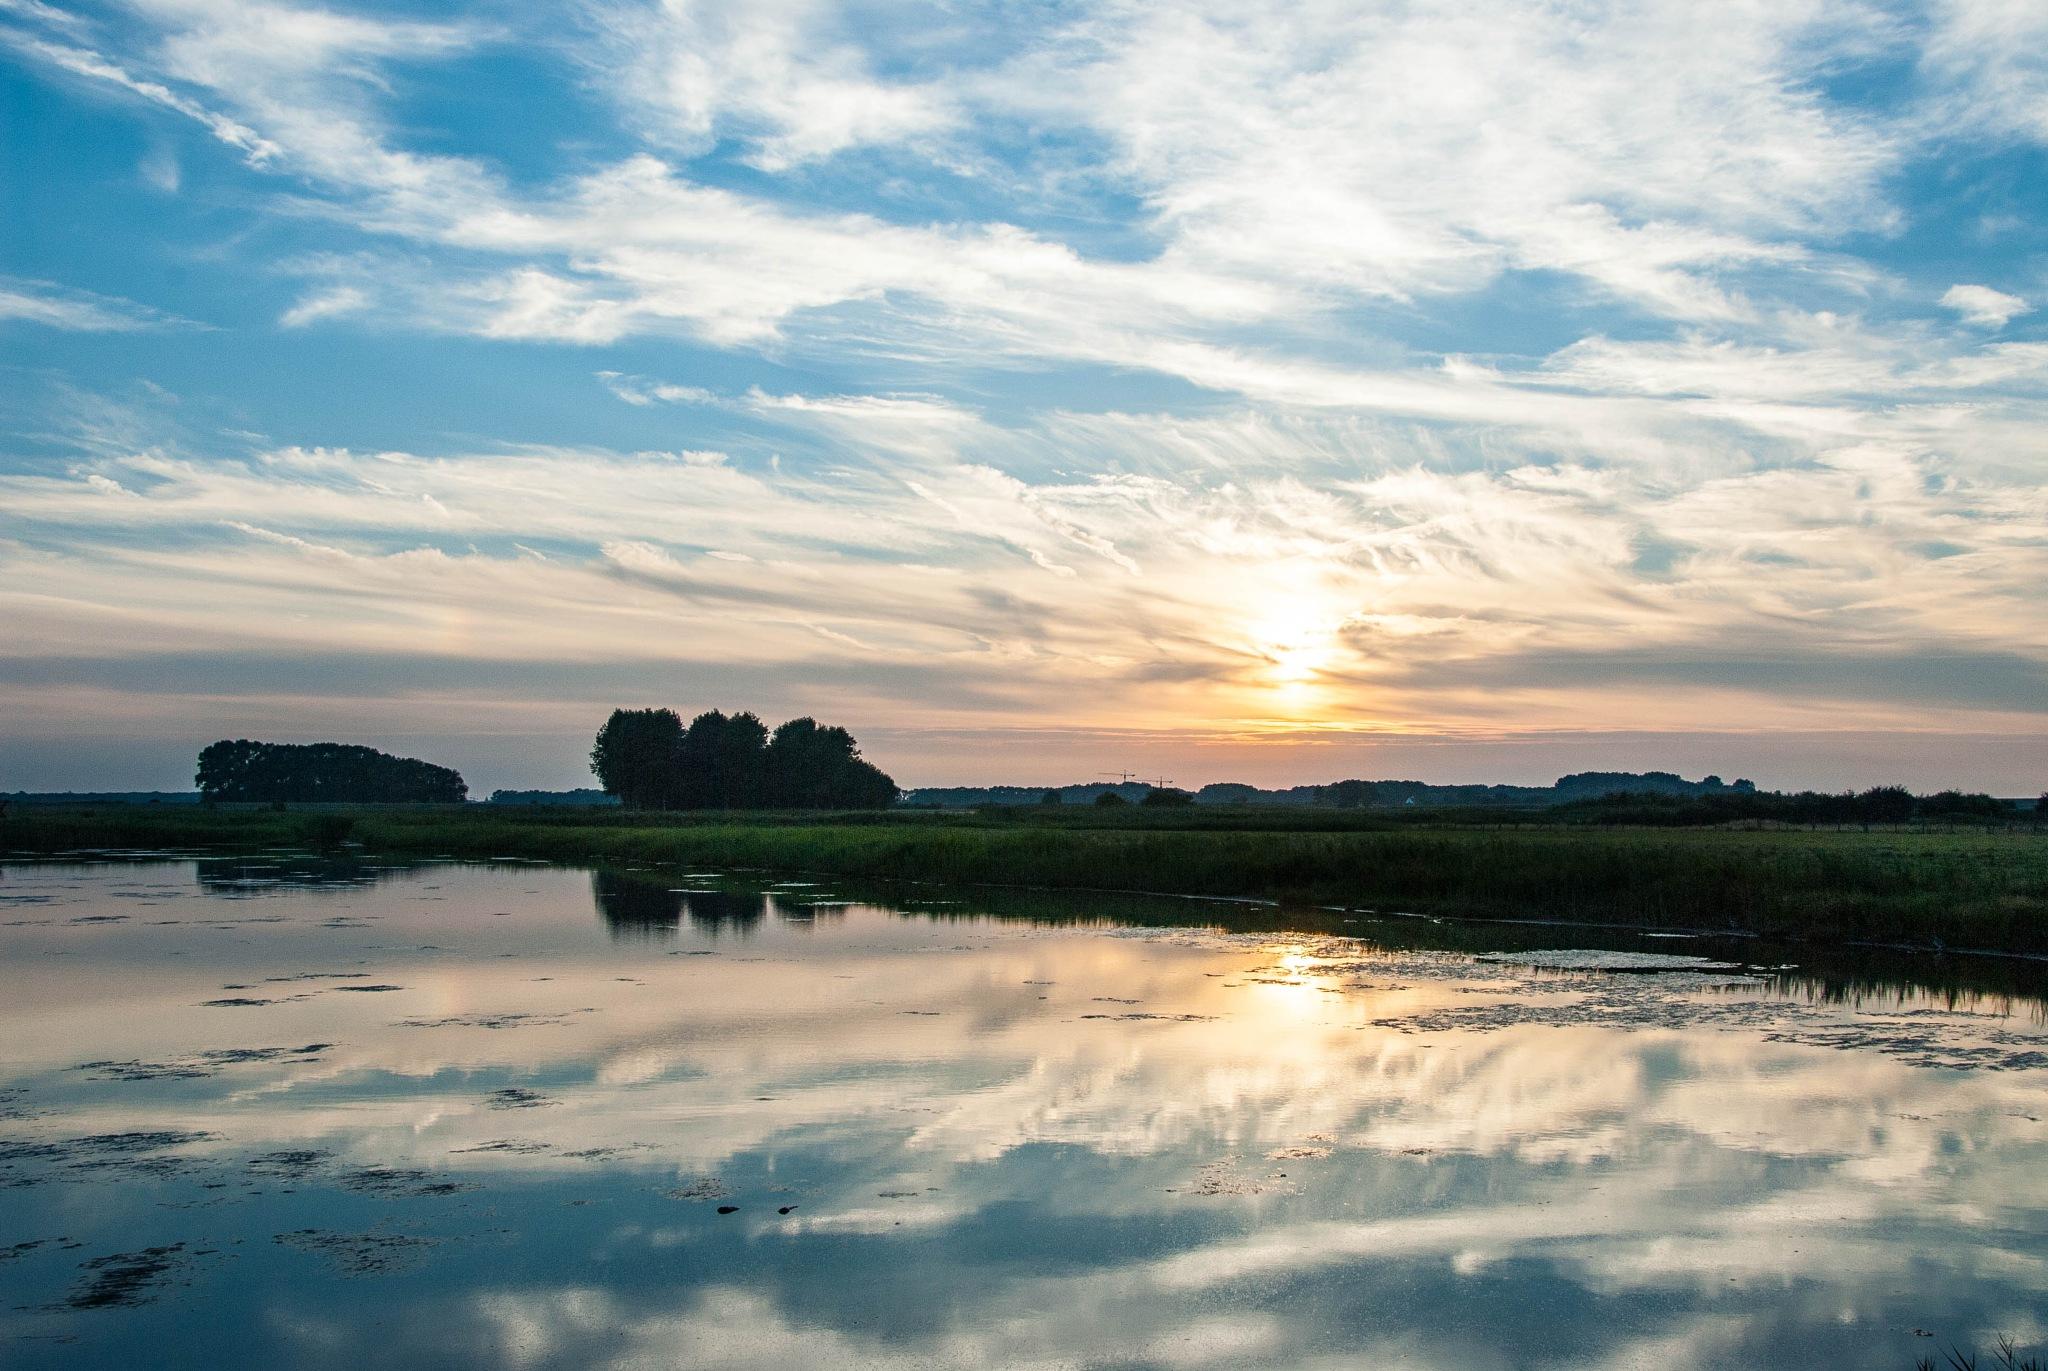 Sunset, Retranchement by Ruud van Leeuwen